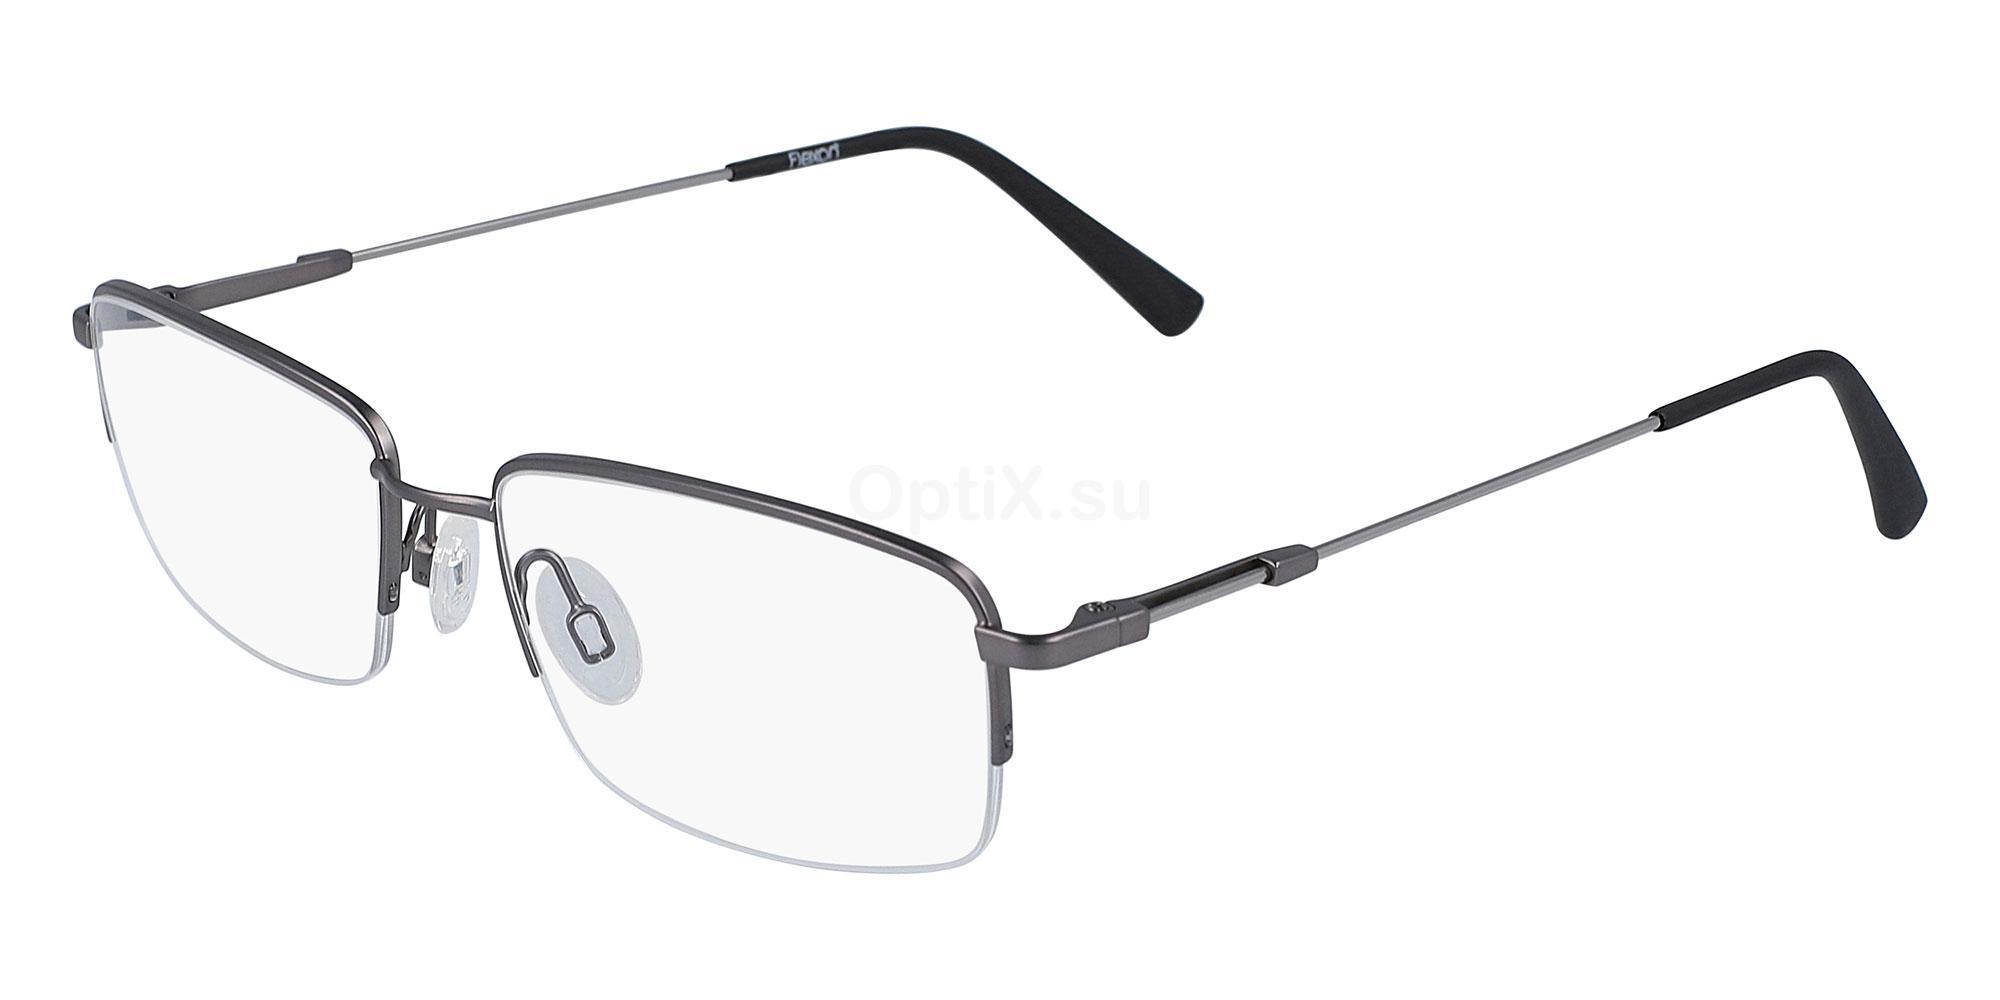 033 FLEXON H6000 Glasses, Flexon